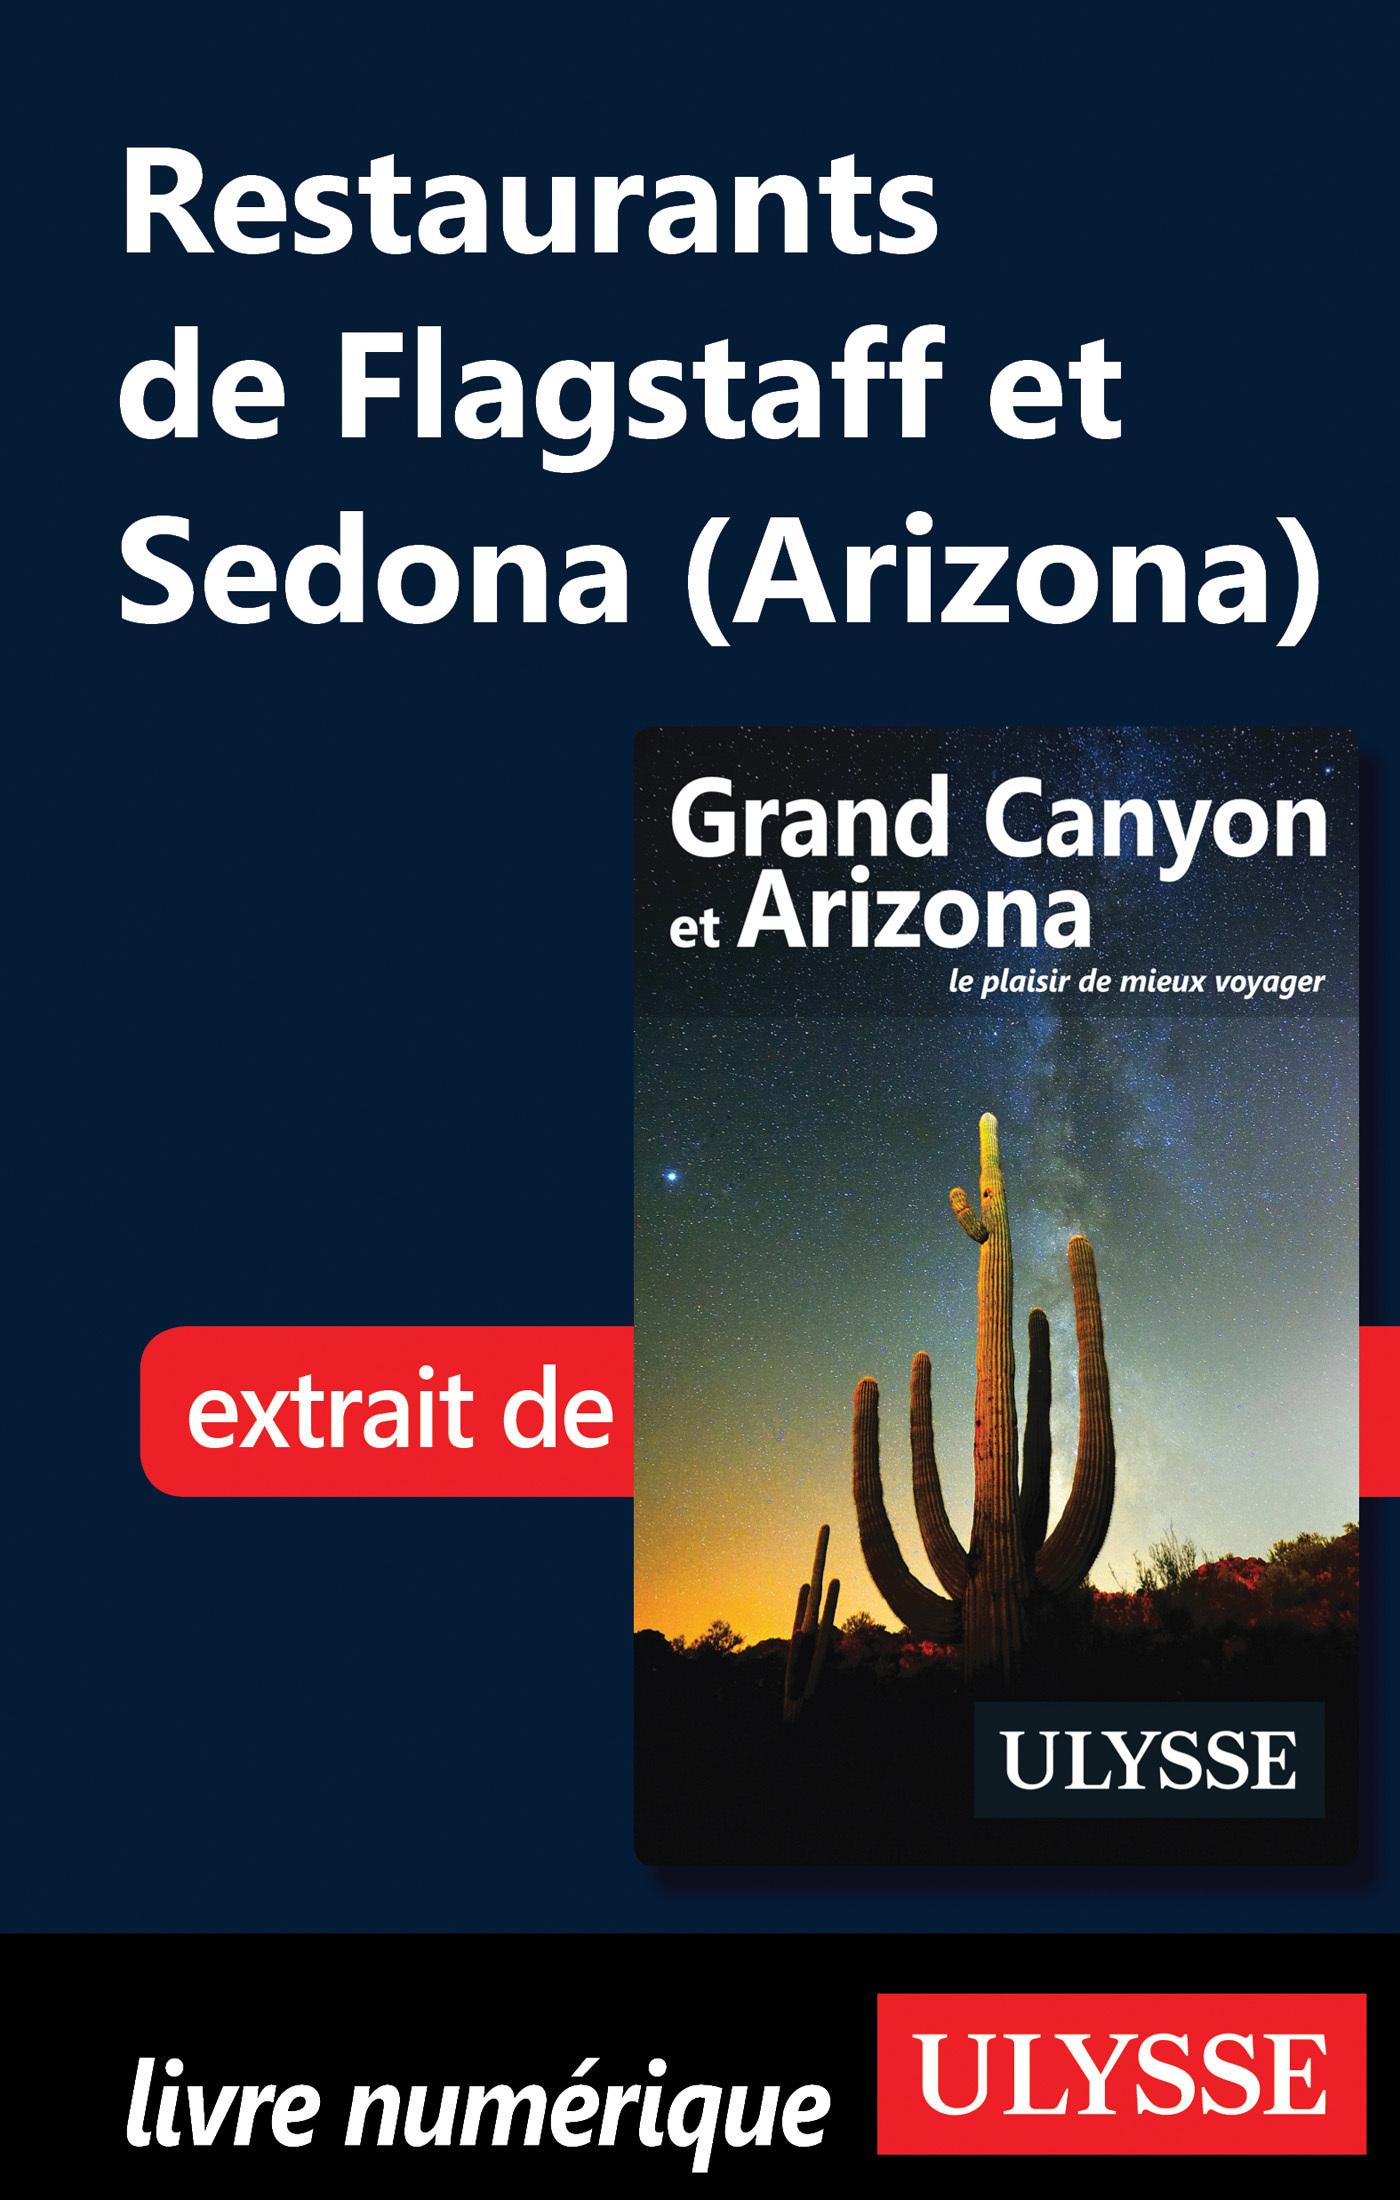 Restaurant de Flagstaff et Sedona Arizona